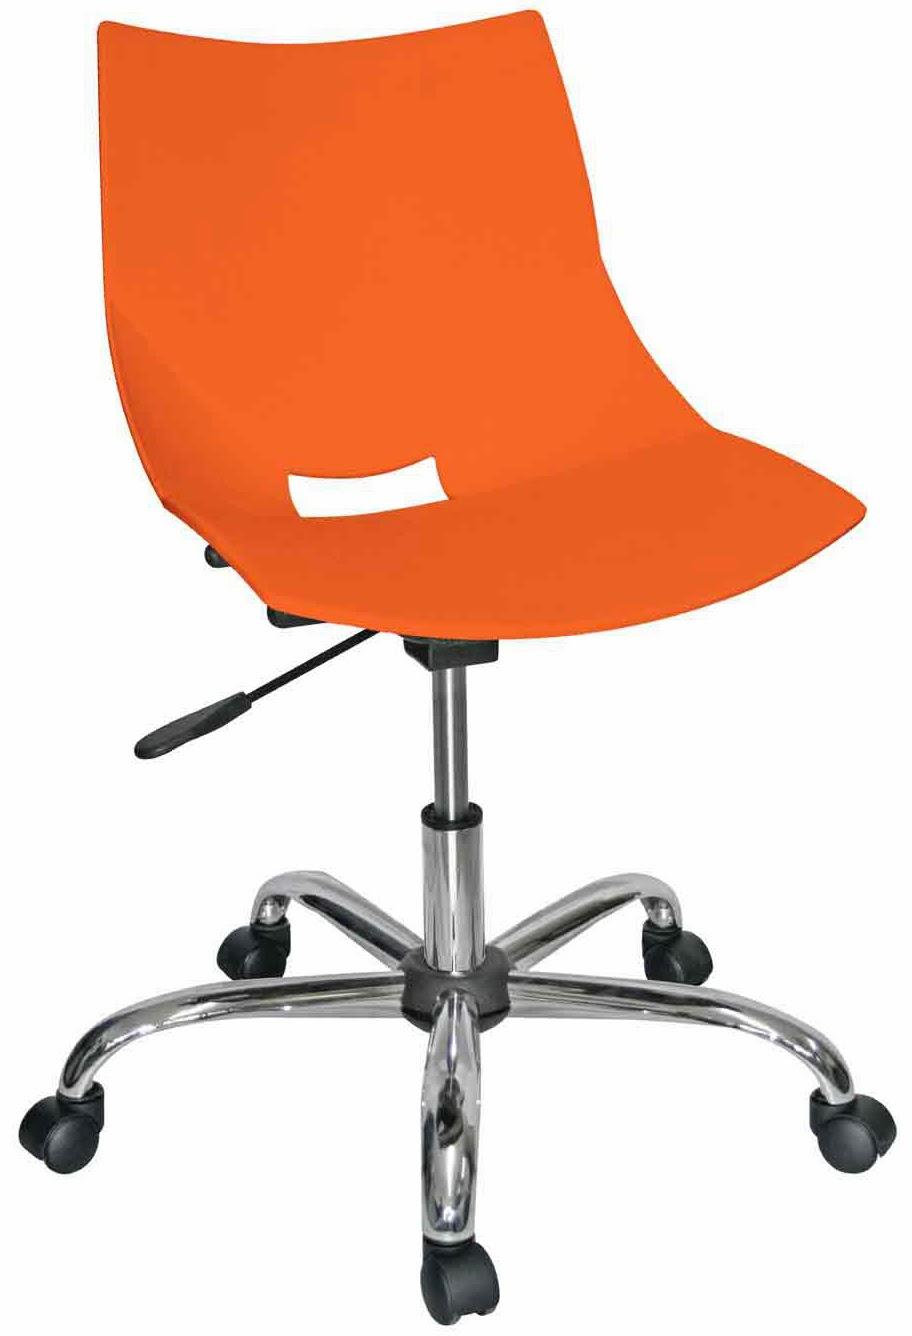 Venta de sillas para stands y exposiciones en m xico df for Fabrica de sillas de oficina zona norte